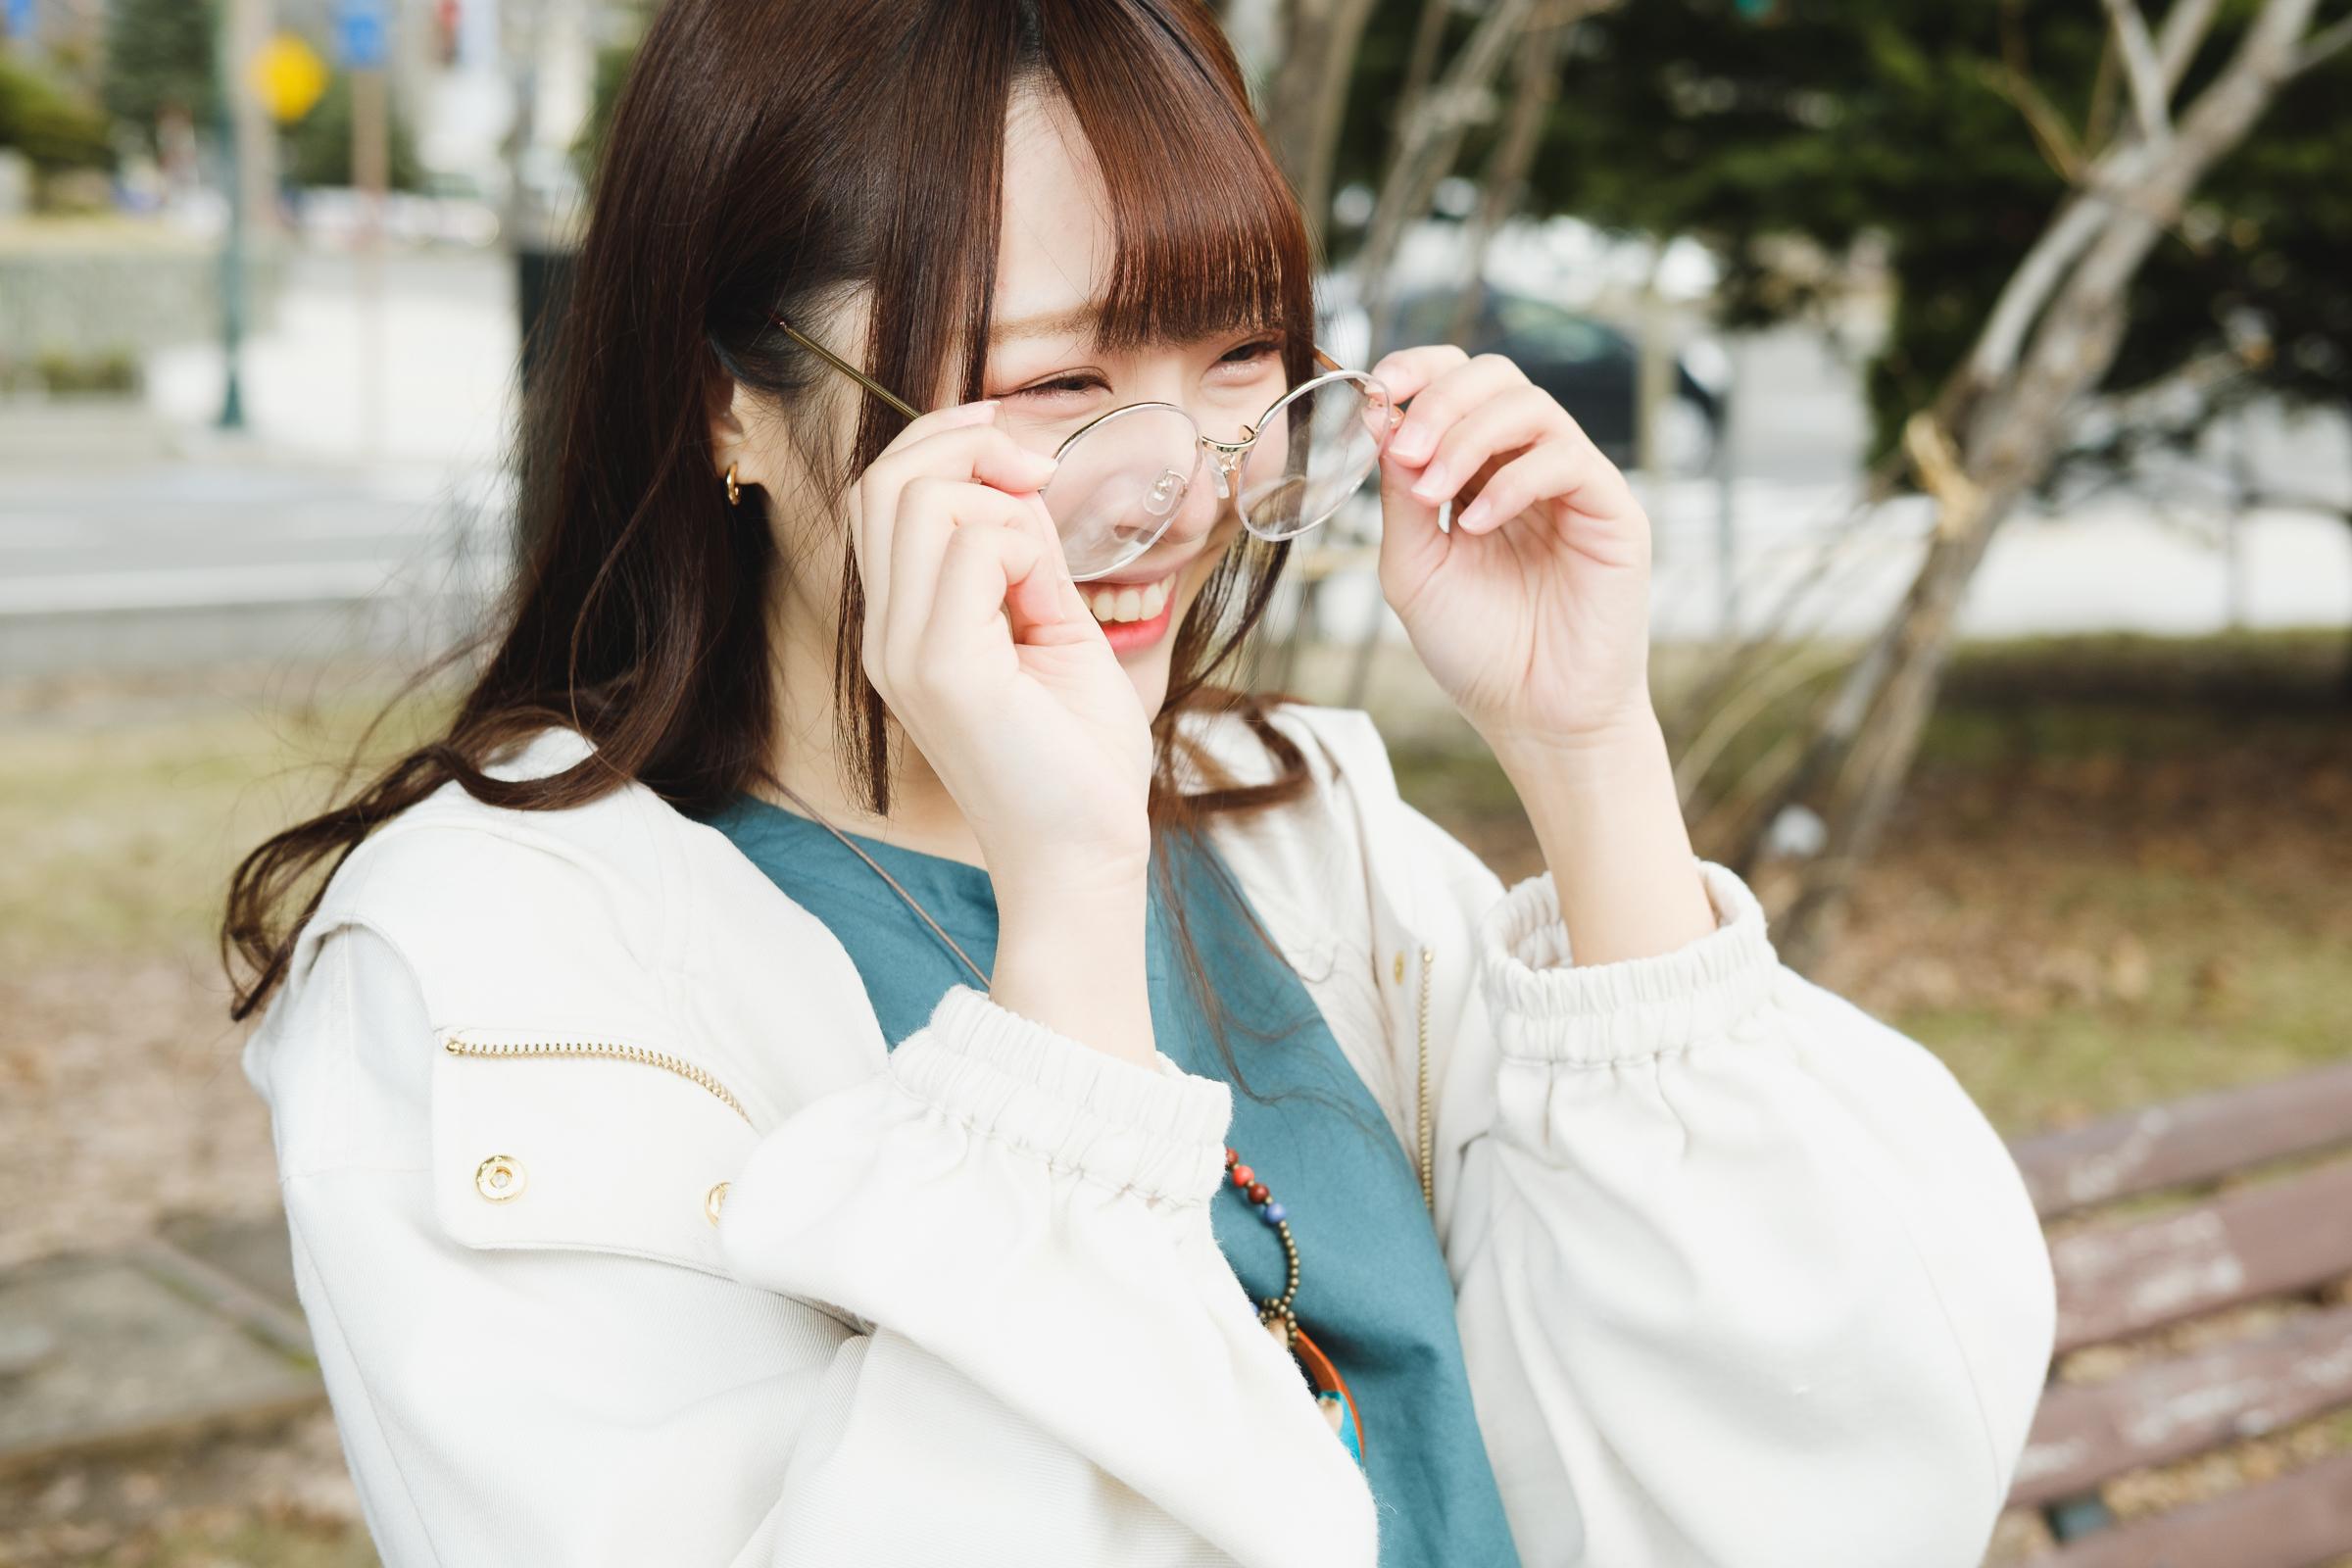 HAPPY少女♪ ちひろ ( 孫田ちひろ )   SMP 札幌モデルプロ 撮影会 in 大通公園